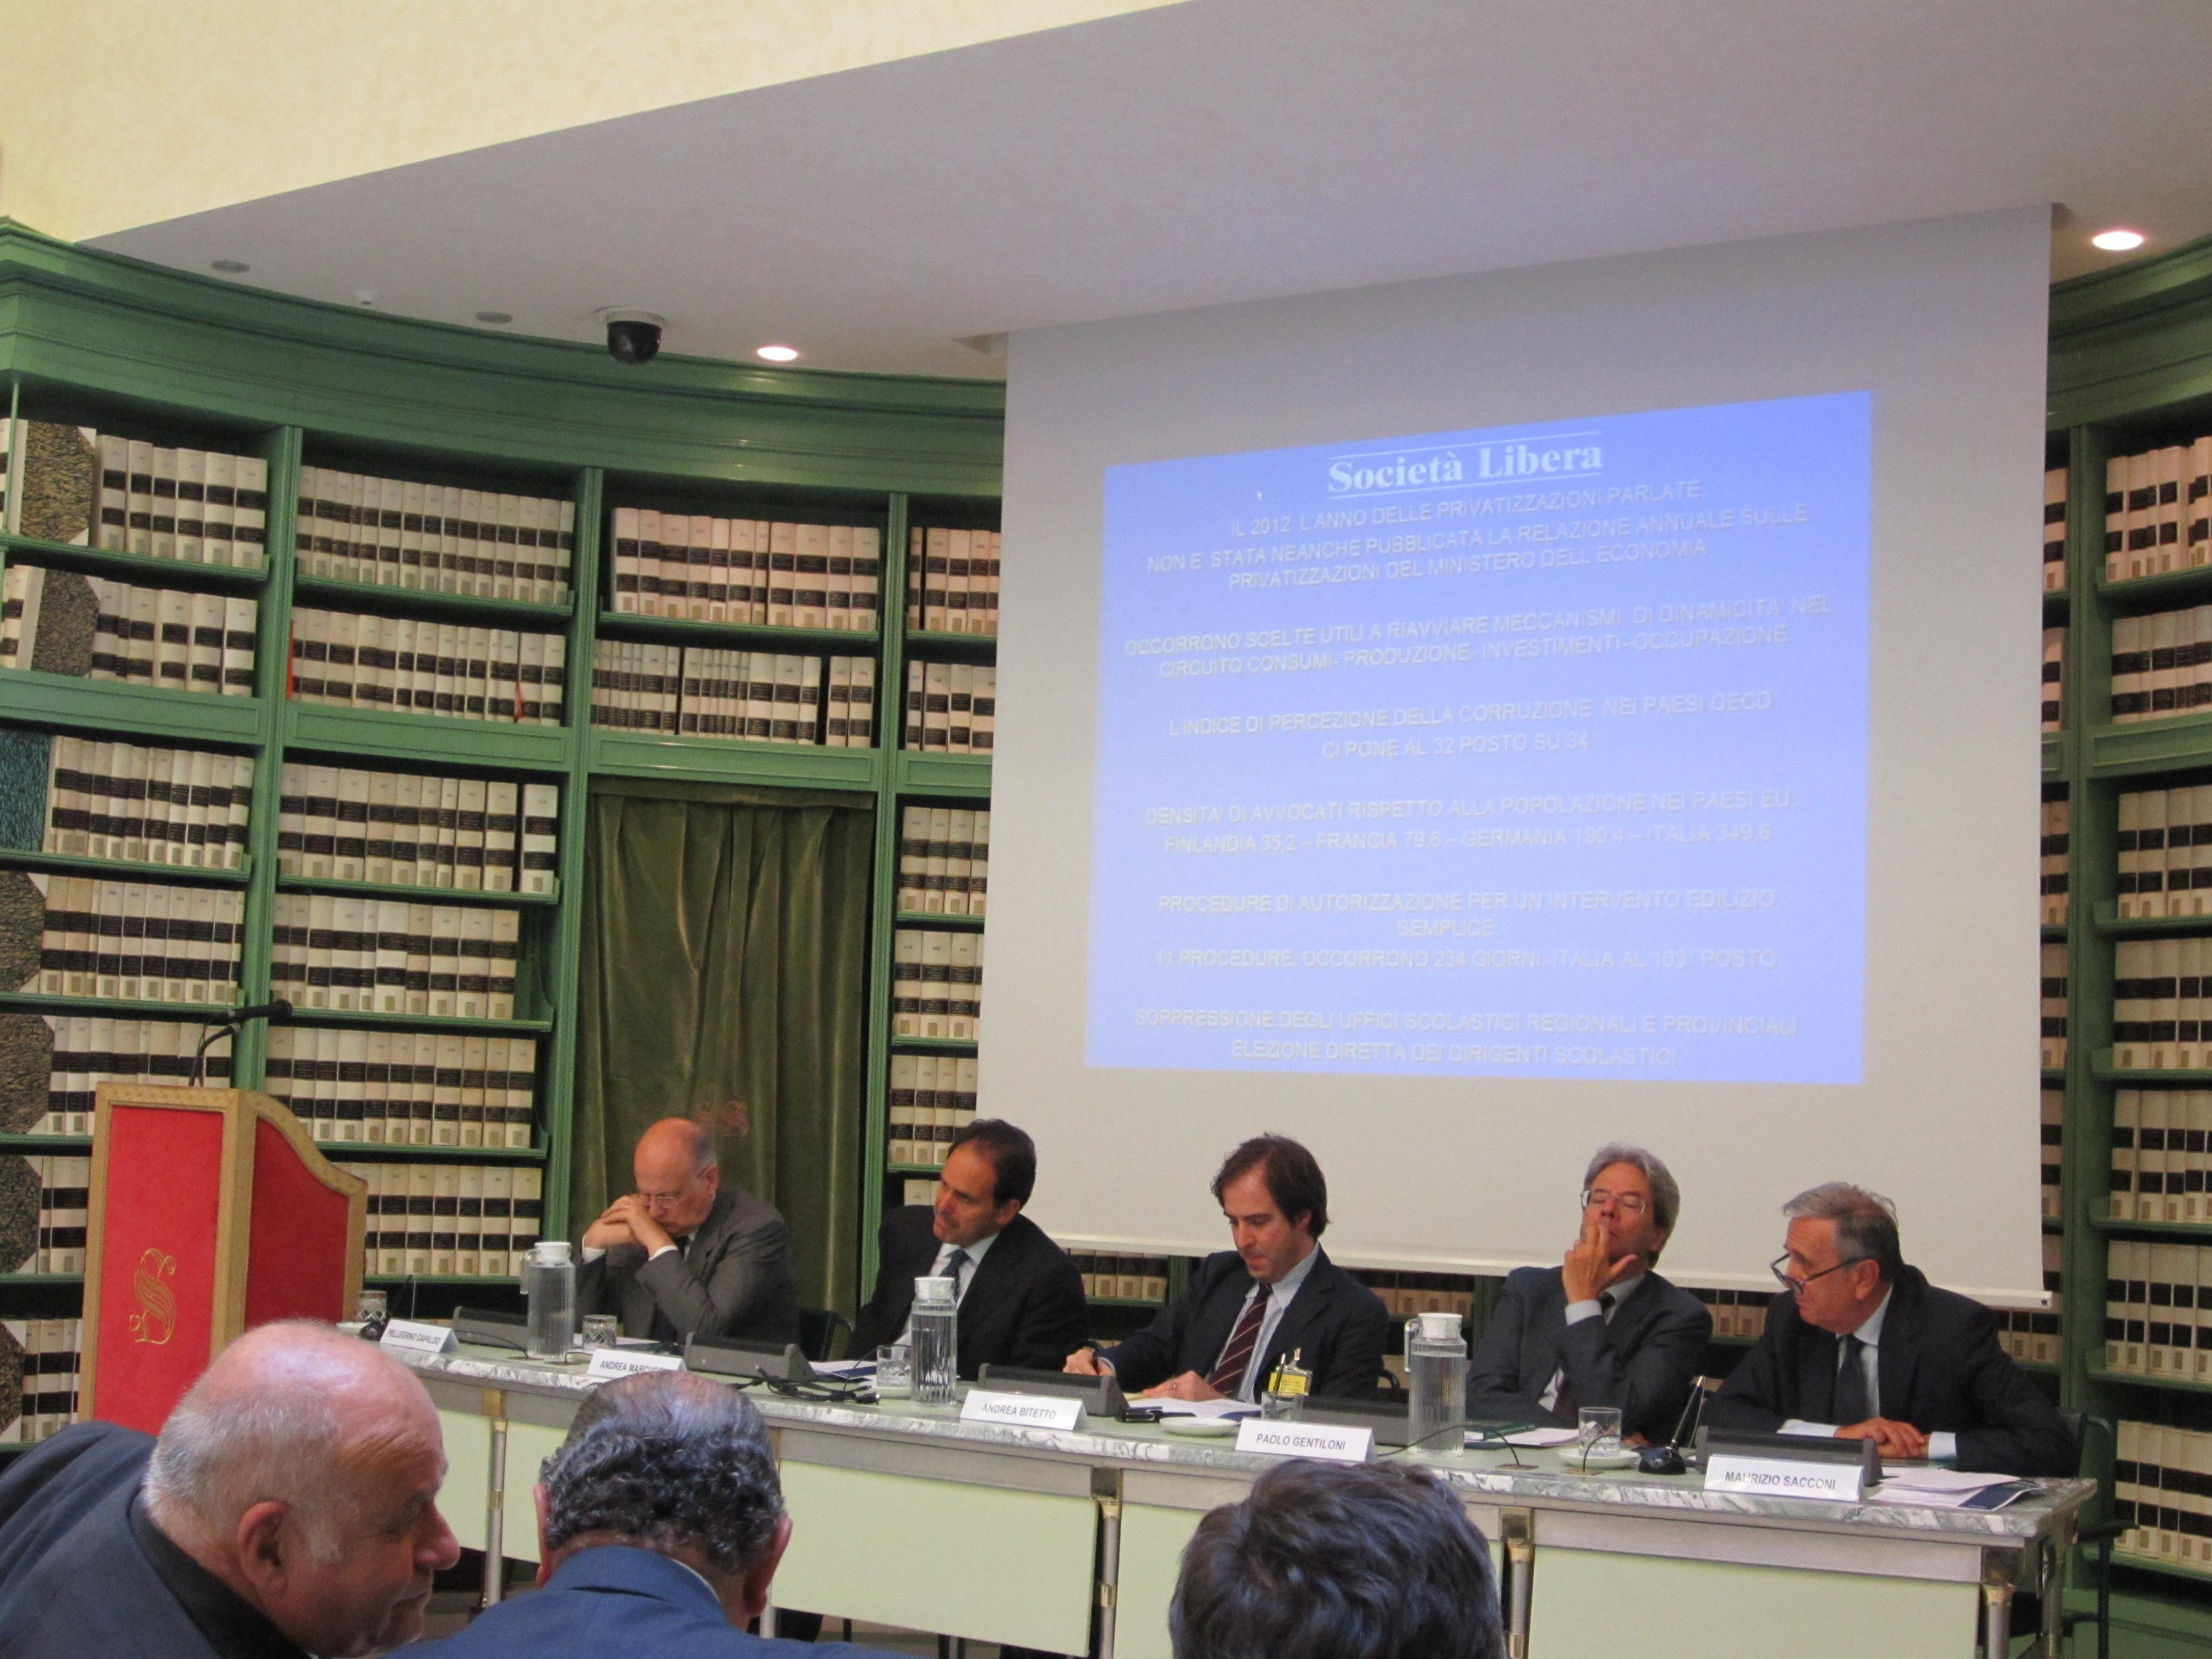 Politecnico MI, Firenze, Milano, Roma - Rapporto sulle liberalizzazioni - maggio giugno 2013